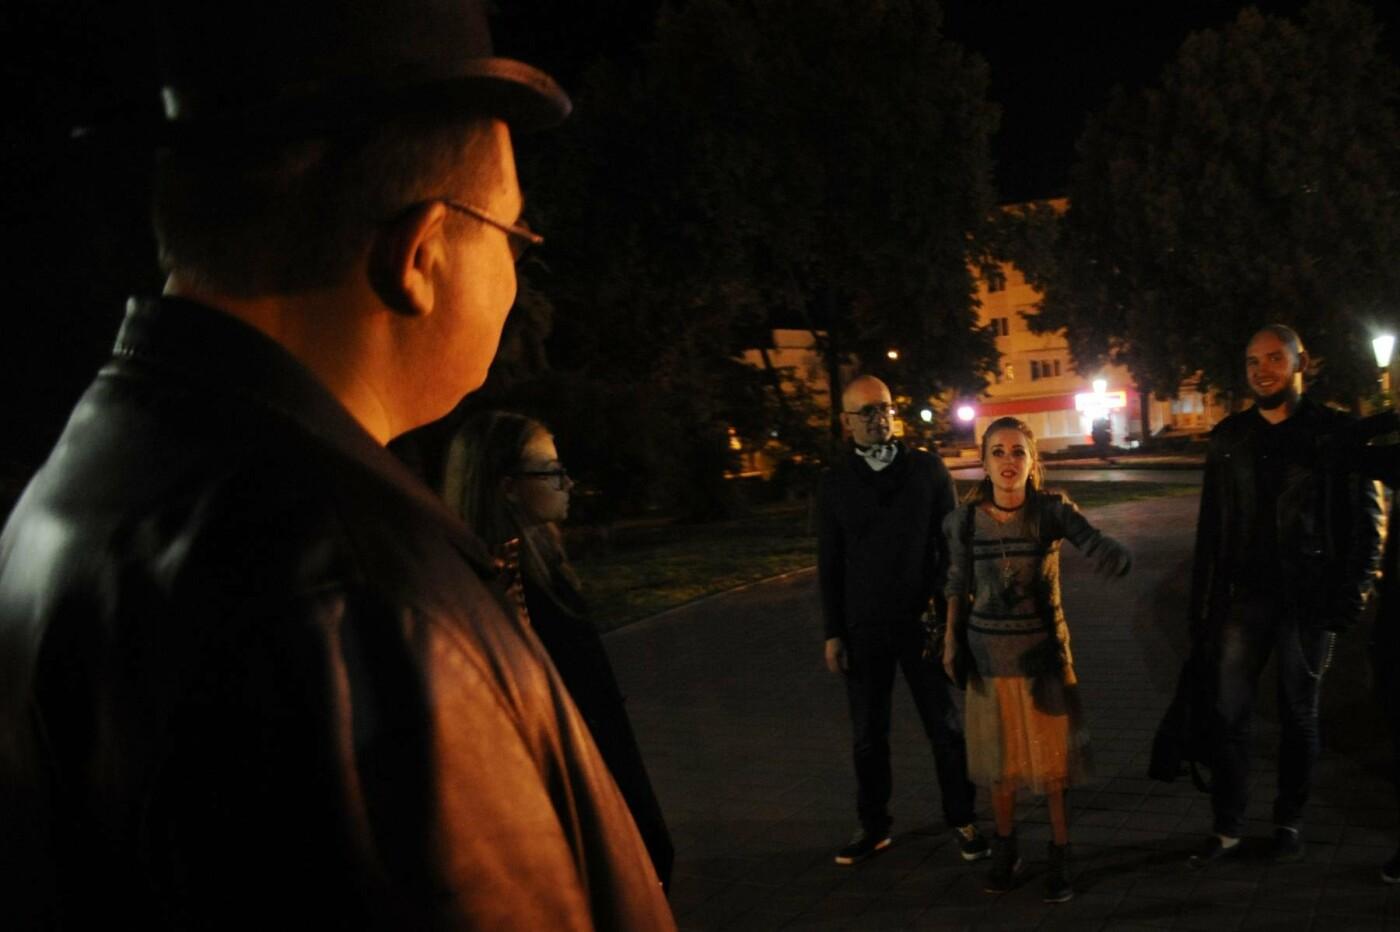 Гостям #Чернозёма рассказали об истории тамбовского рока, фото-1